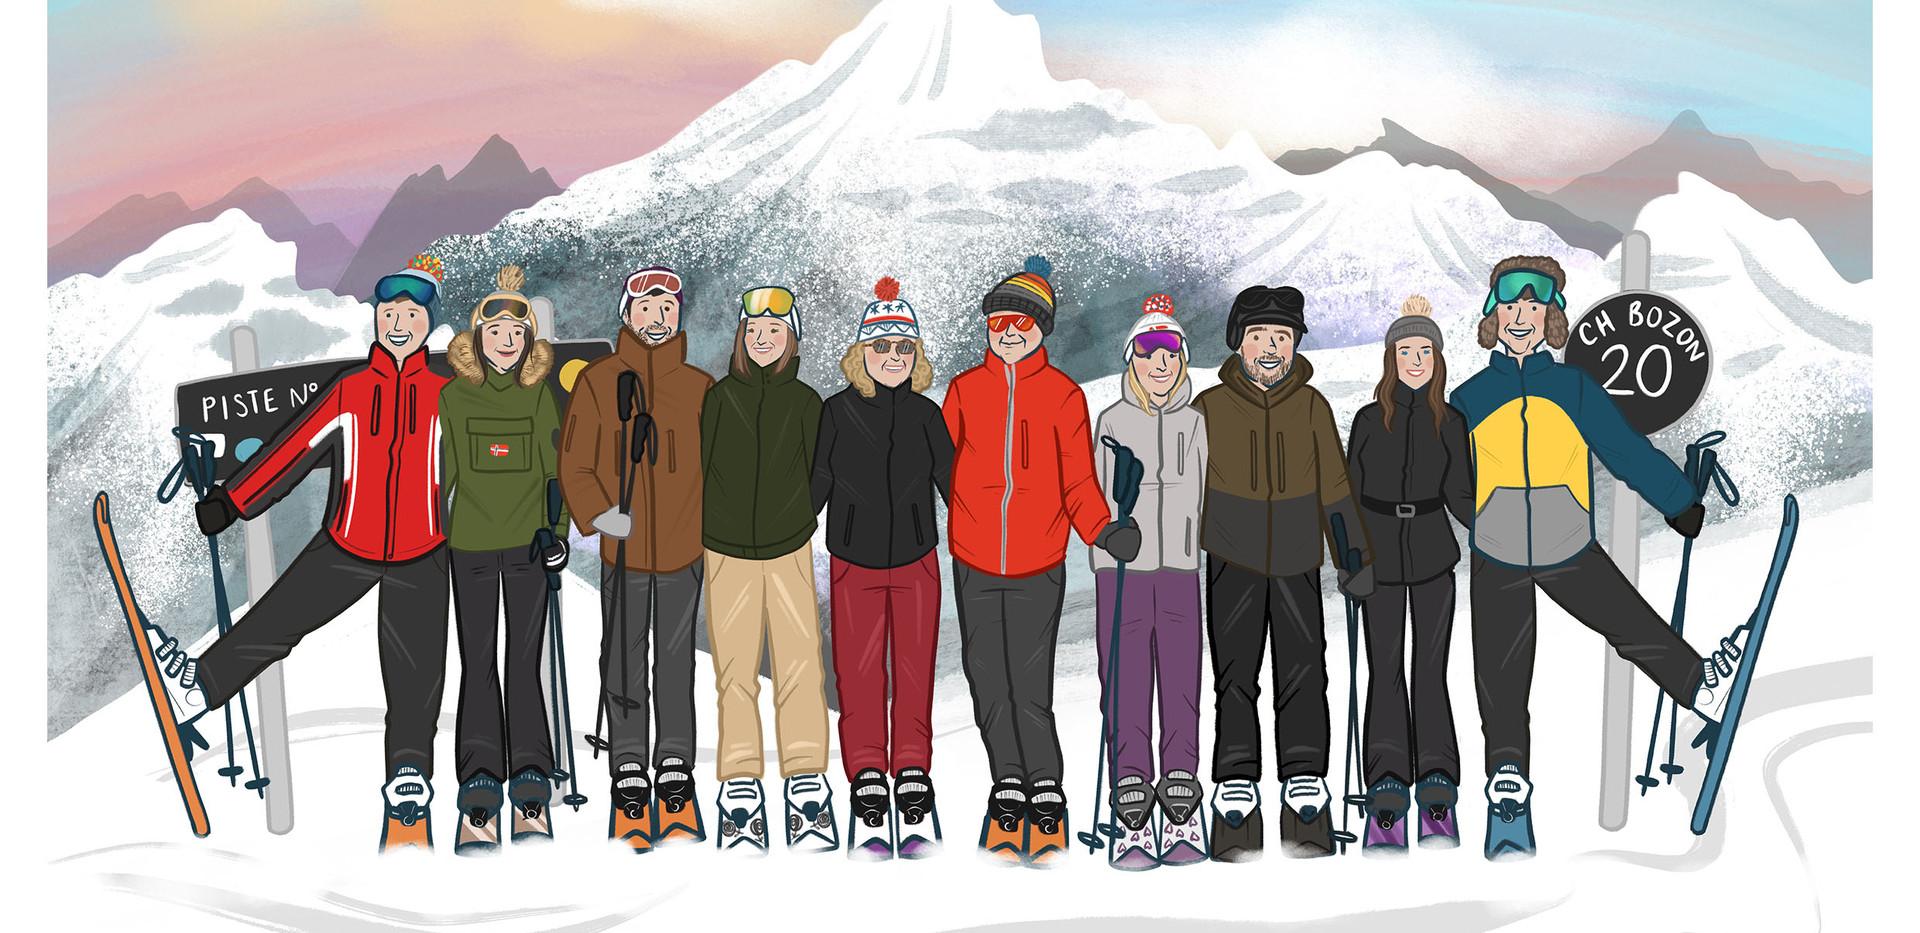 family portrait ski holiday.jpg